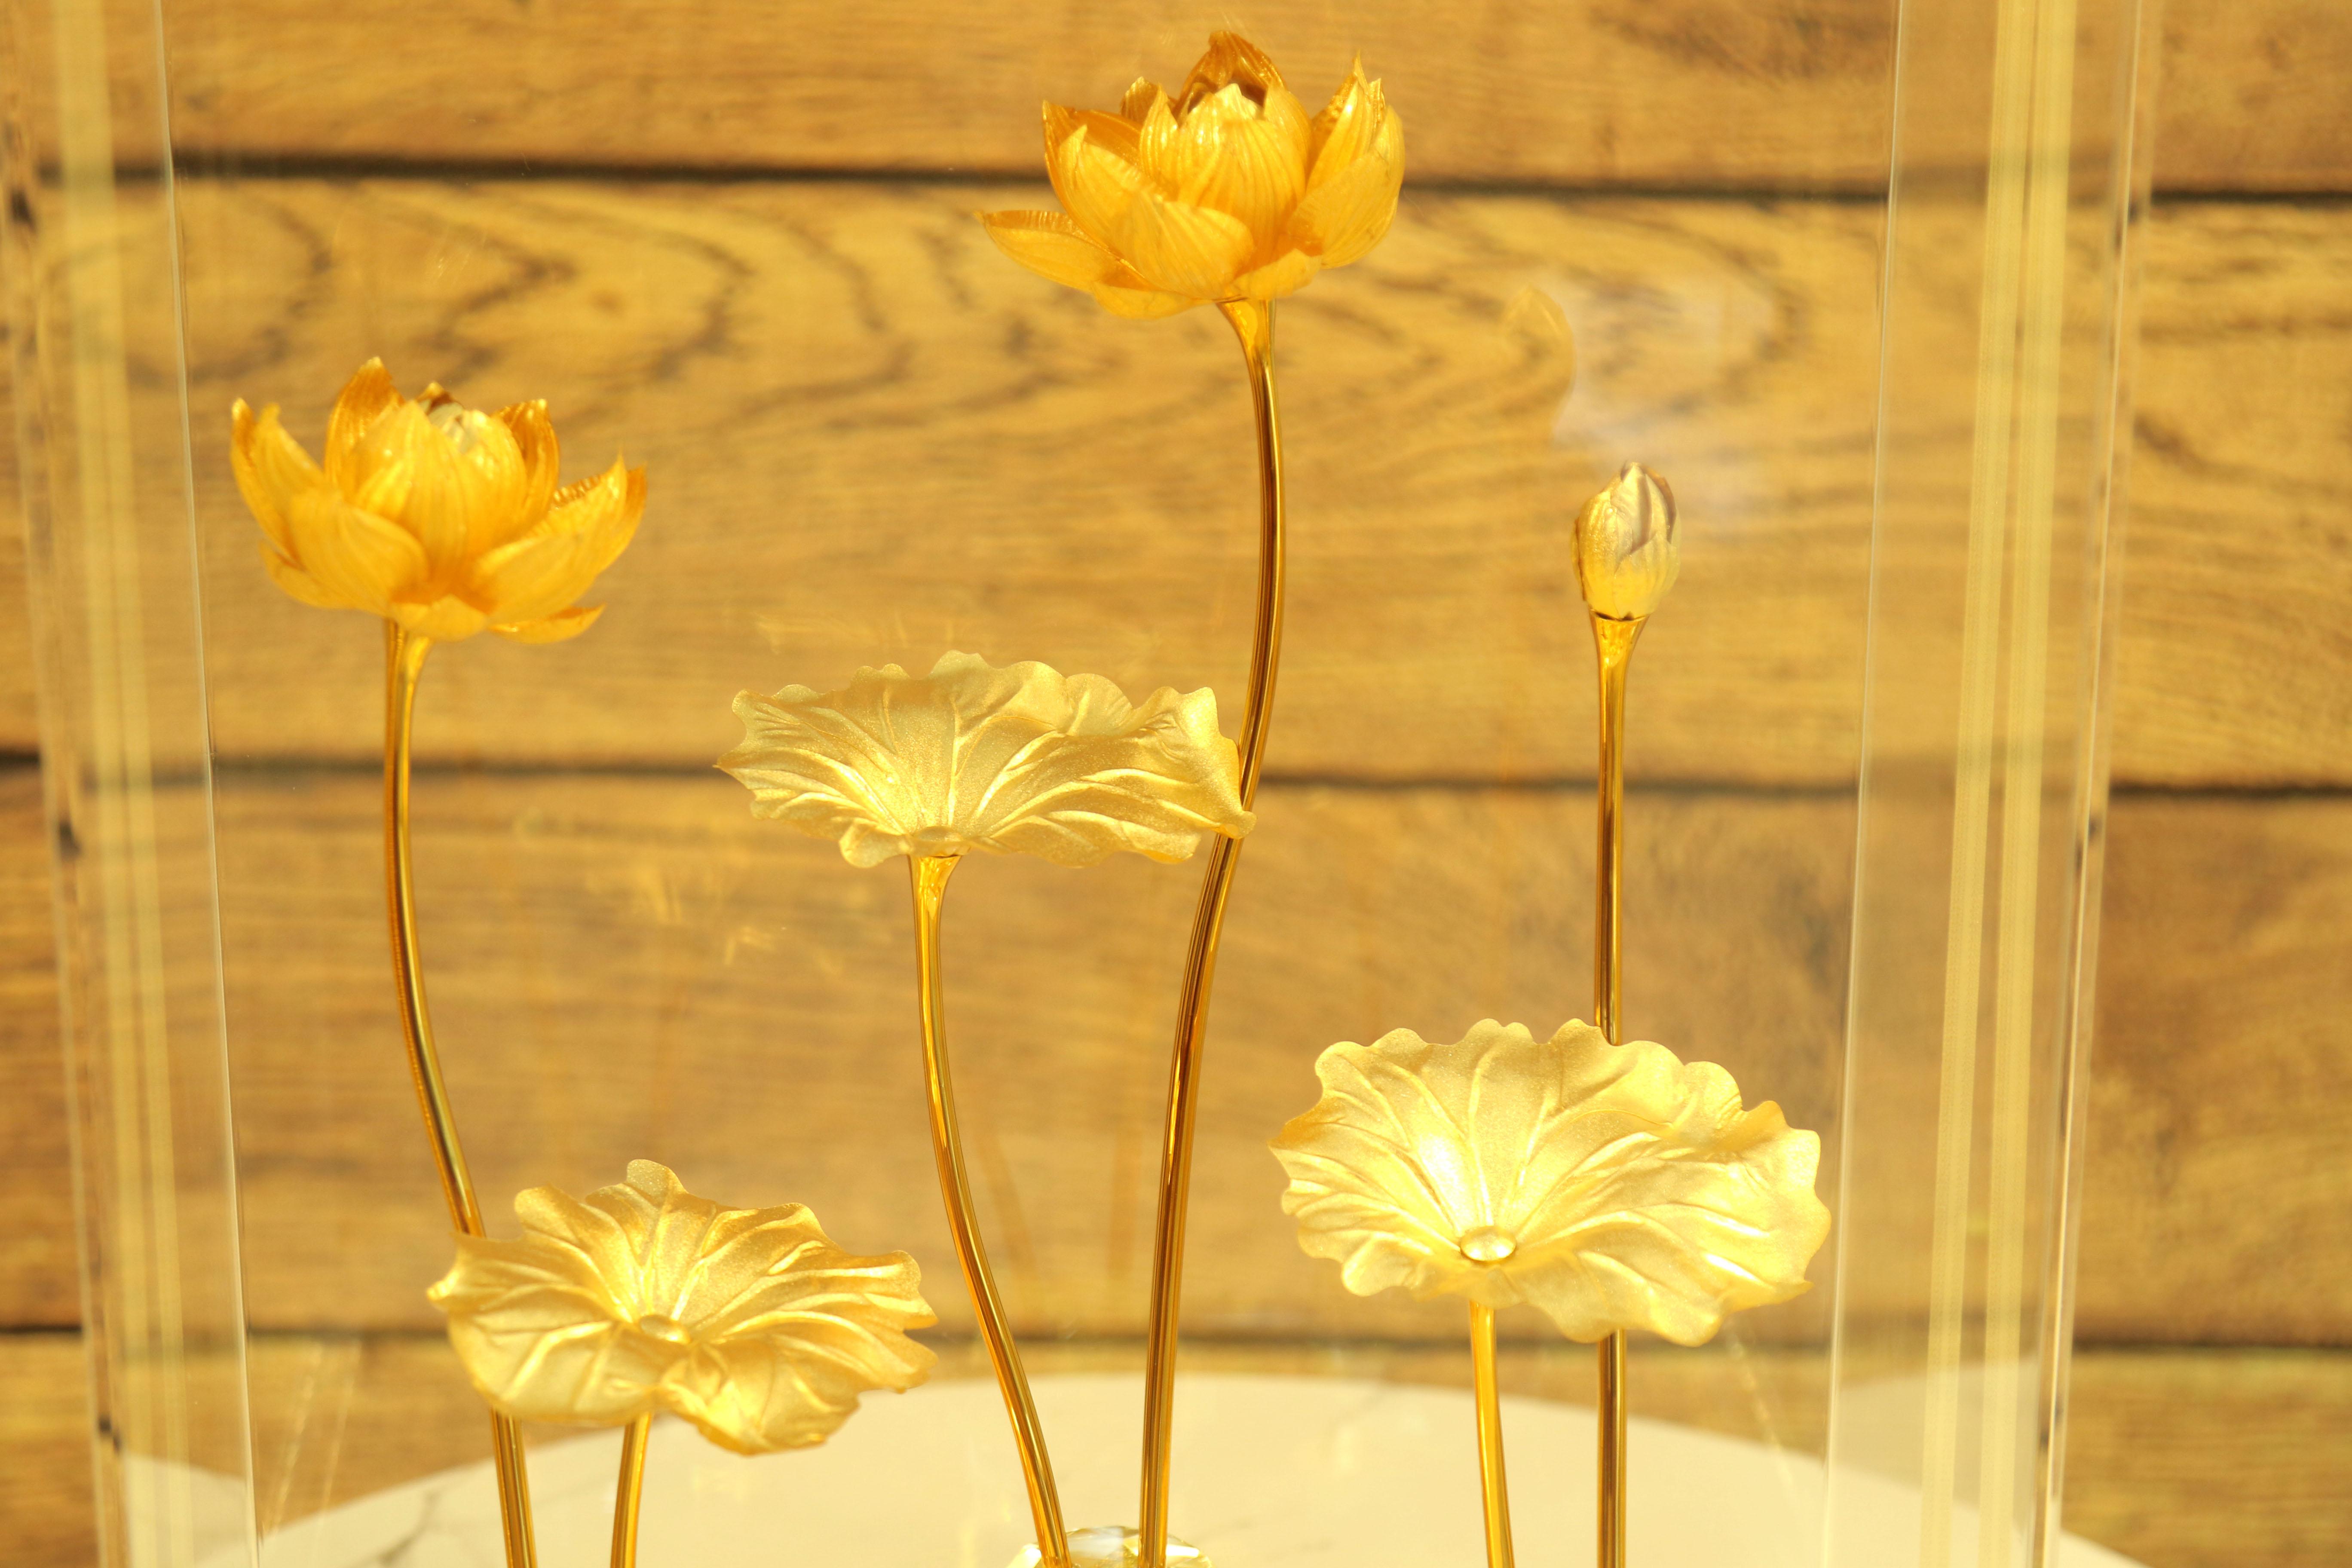 Quà tặng mạ vàng 24k cao cấp - Mô hình hoa Sen dát vàng 24k